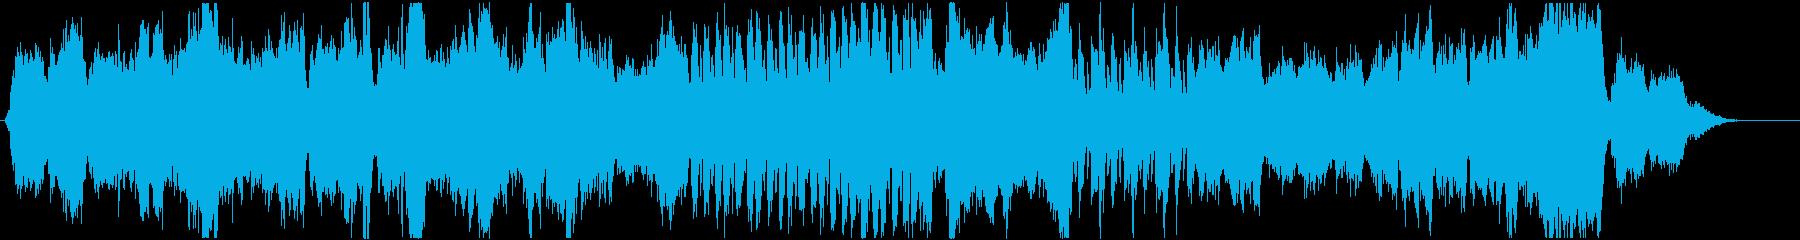 秋/ほのぼの/神秘的/森/オーケストラの再生済みの波形